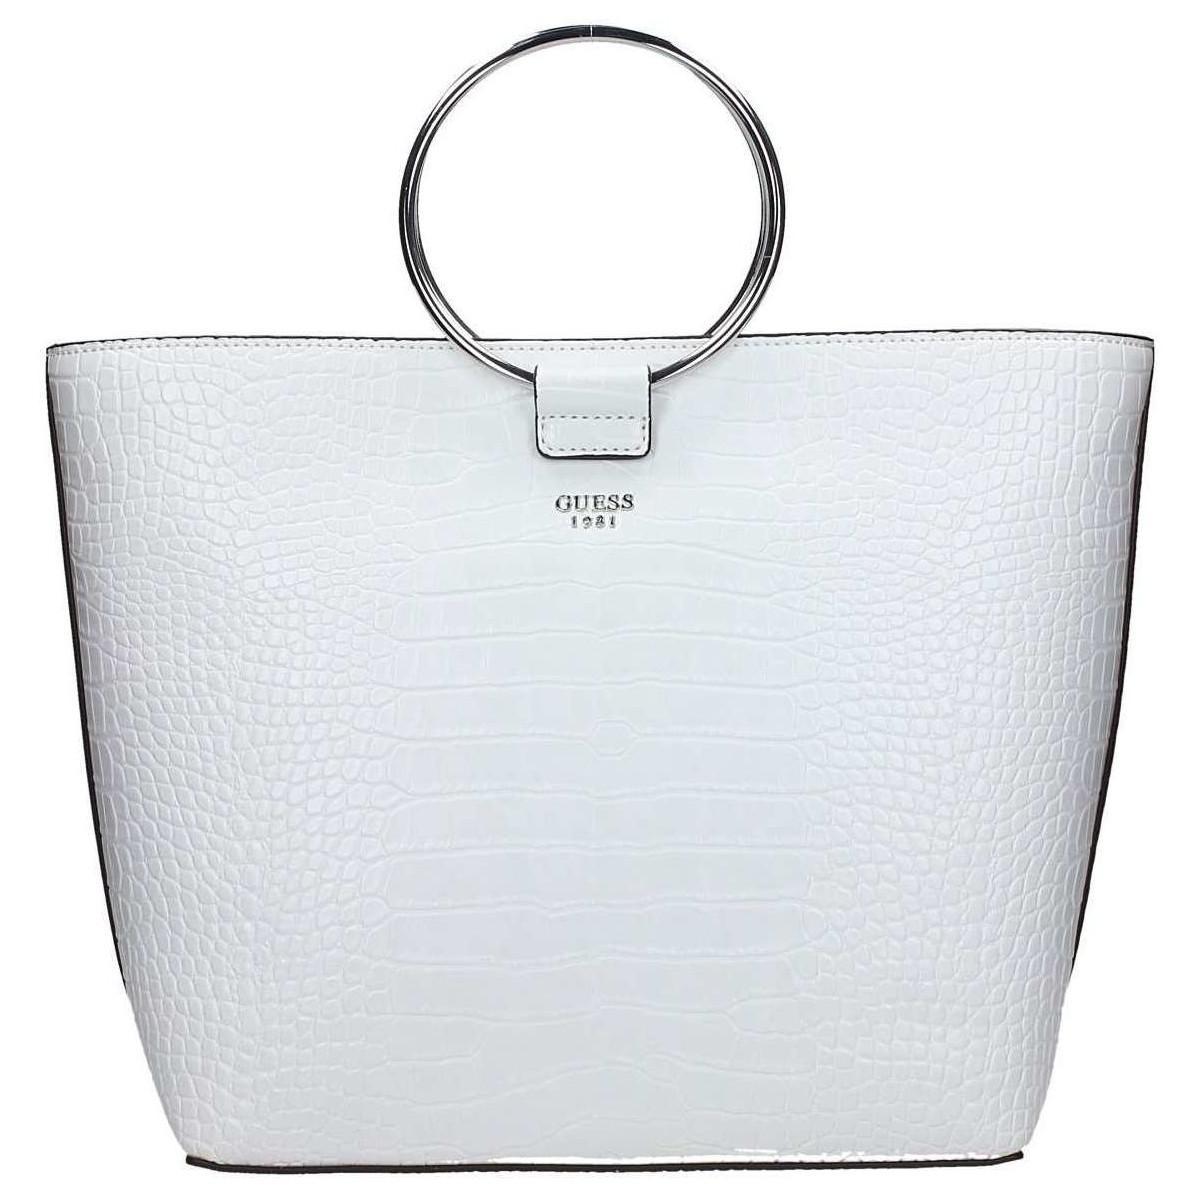 6904054e3653 Guess Hwcr69 58230 Shopping Bag Women s Shopper Bag In White in ...